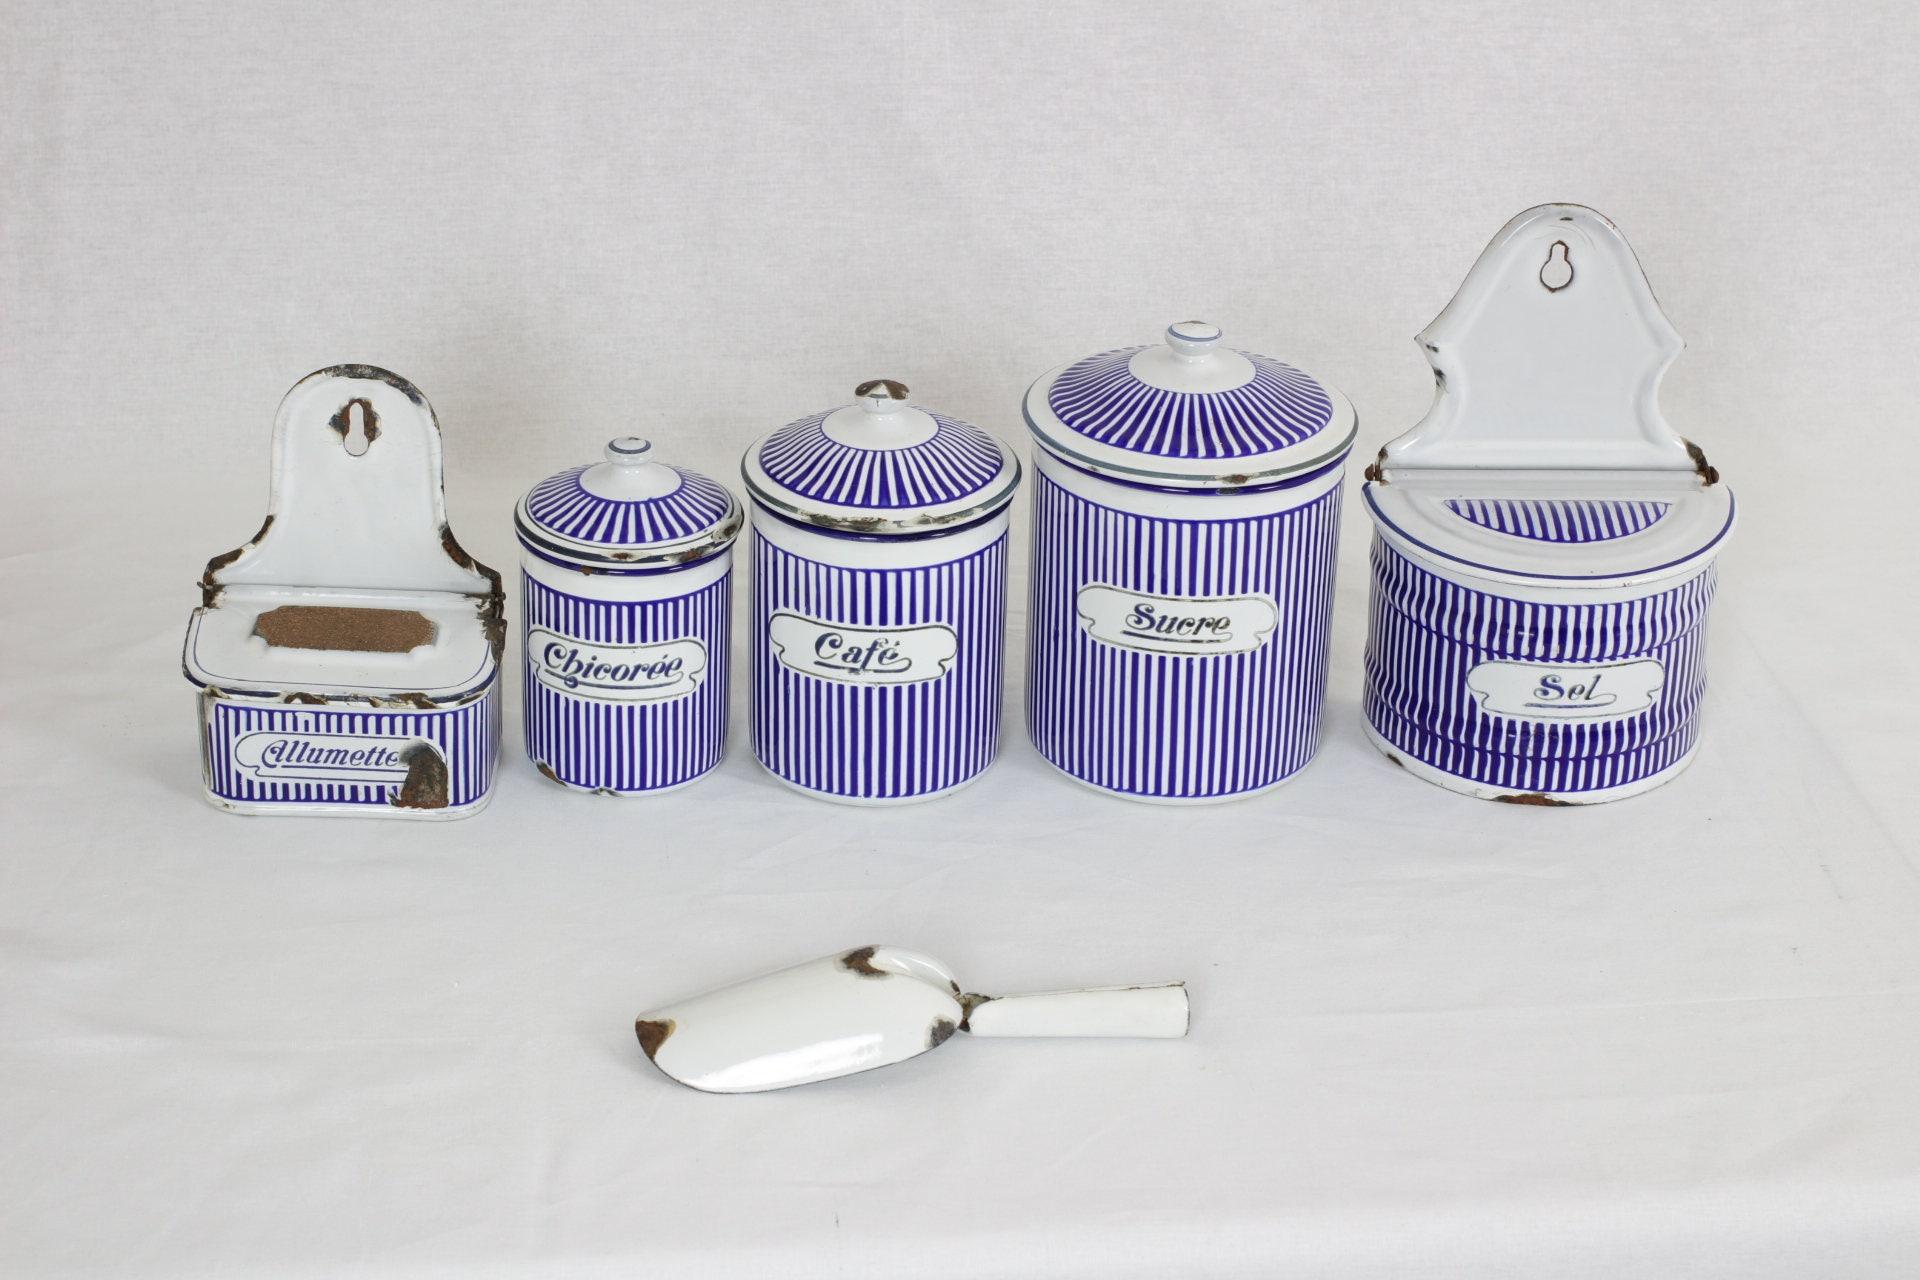 Schön Vintage Keramik Küchen Kanister Sets Galerie - Küchen Ideen ...